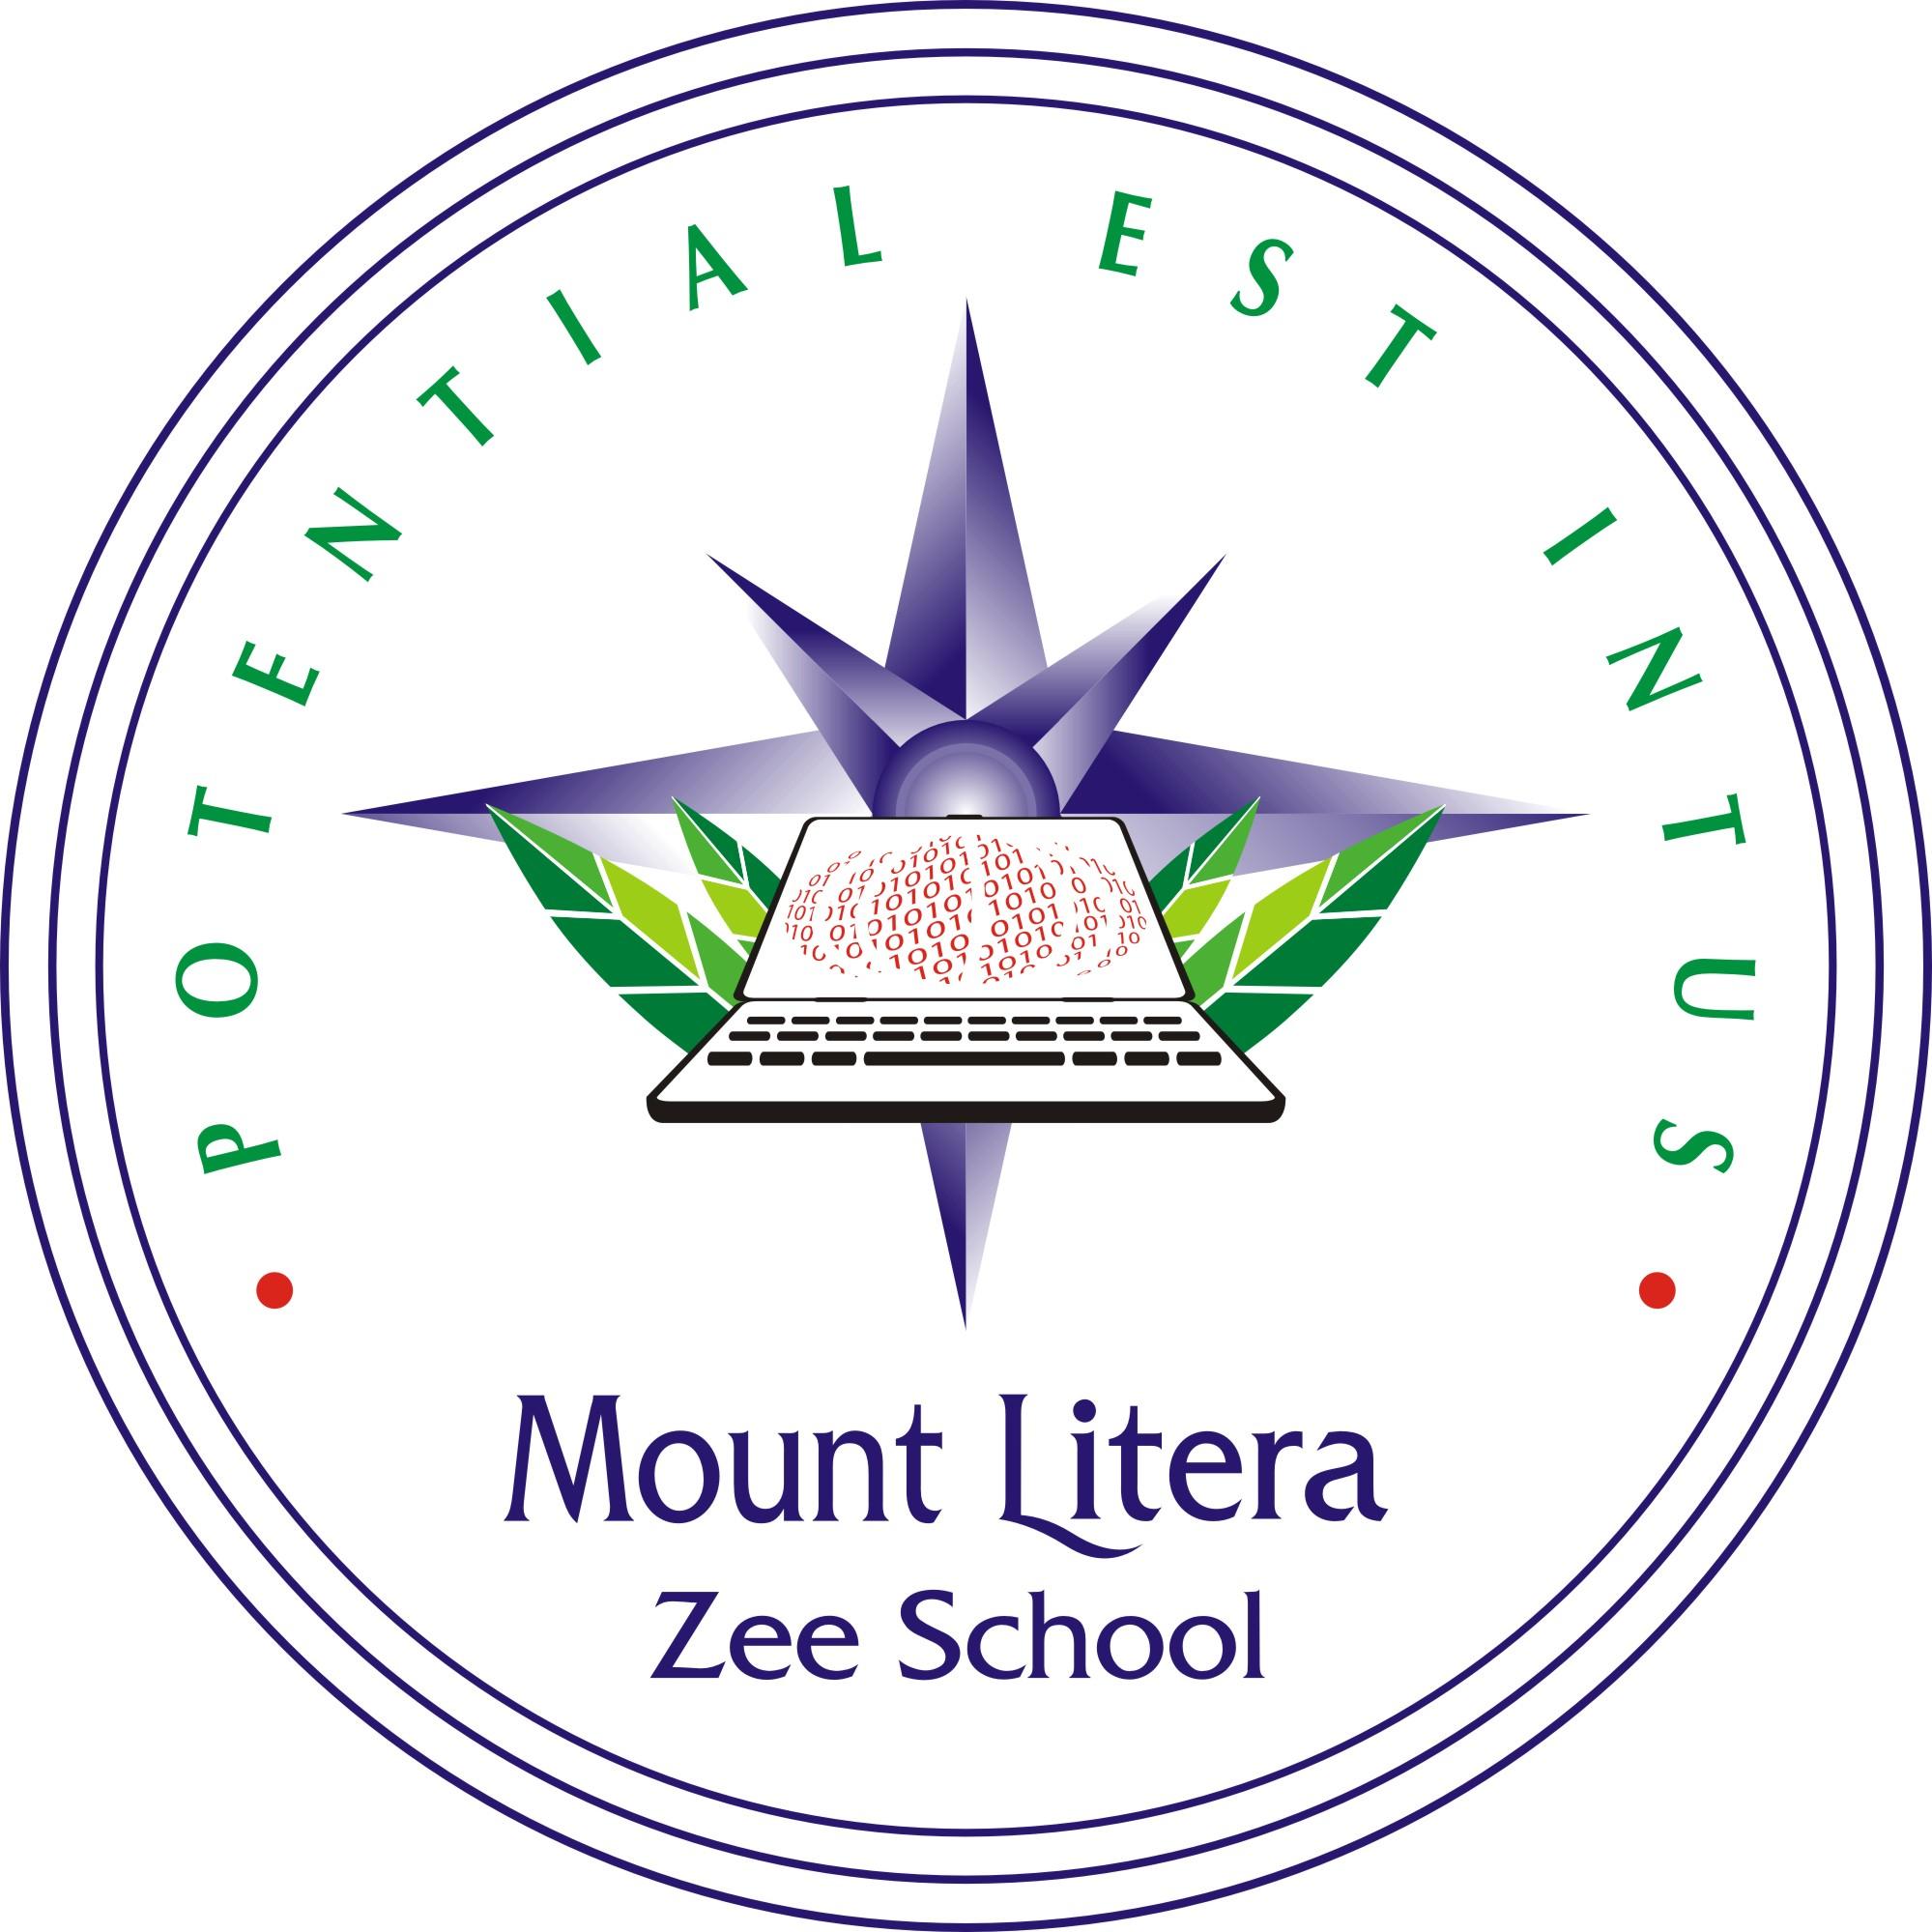 Mount Litera Zee School - Bishnupur - Kolkata Image